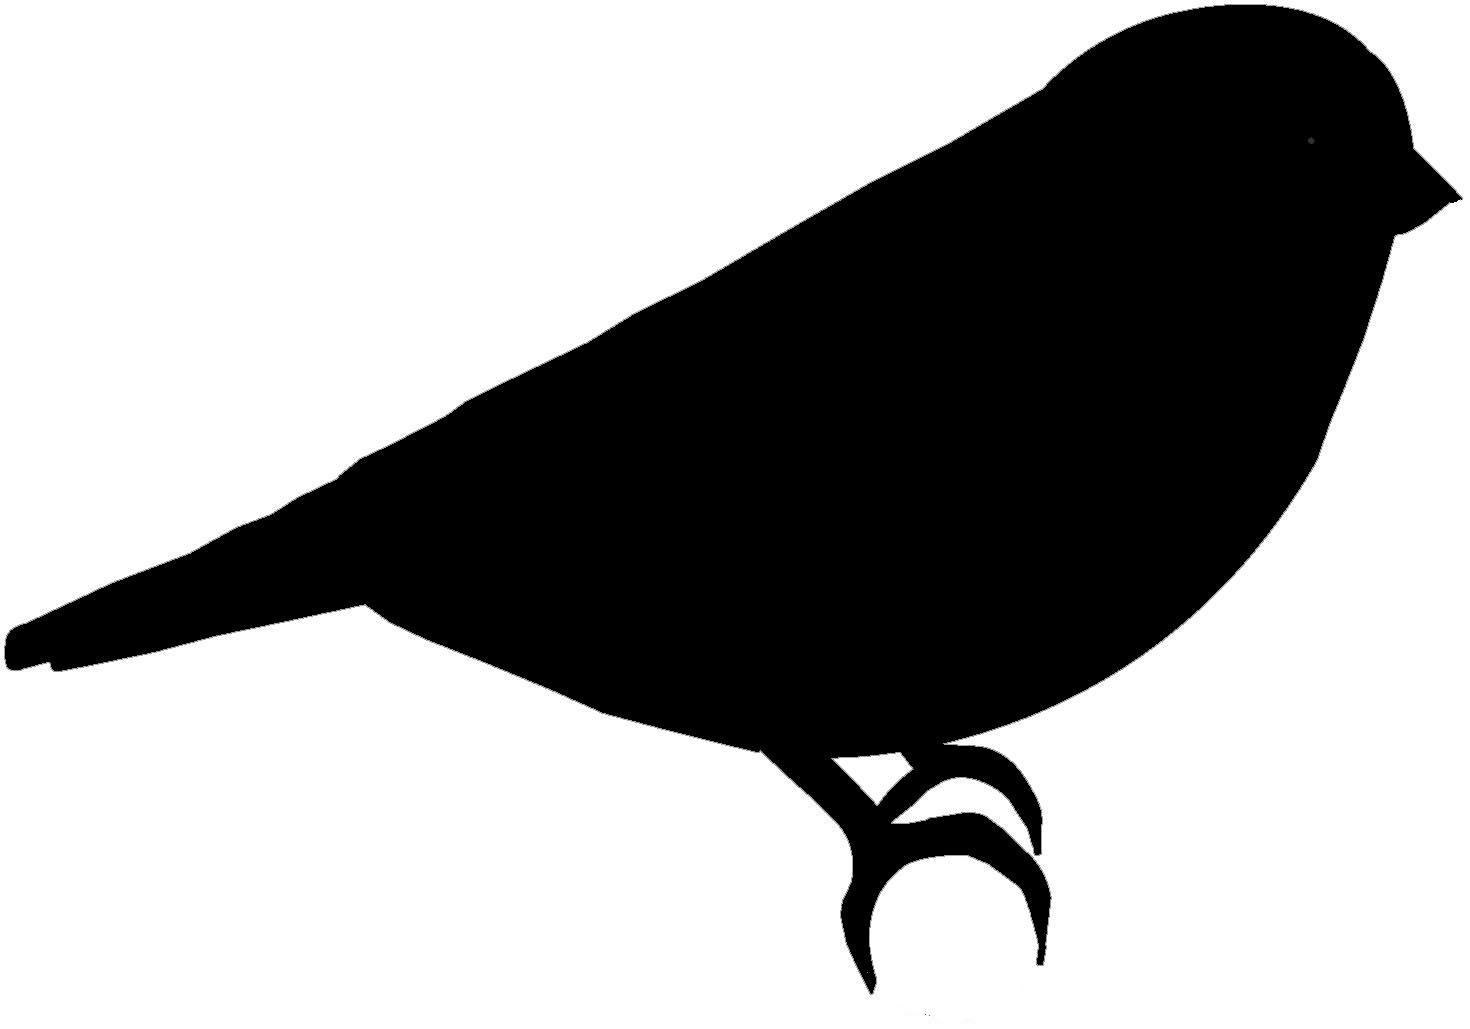 1470x1029 Bird Silhouette Clip Art At Clker Com Vector Online Clipart